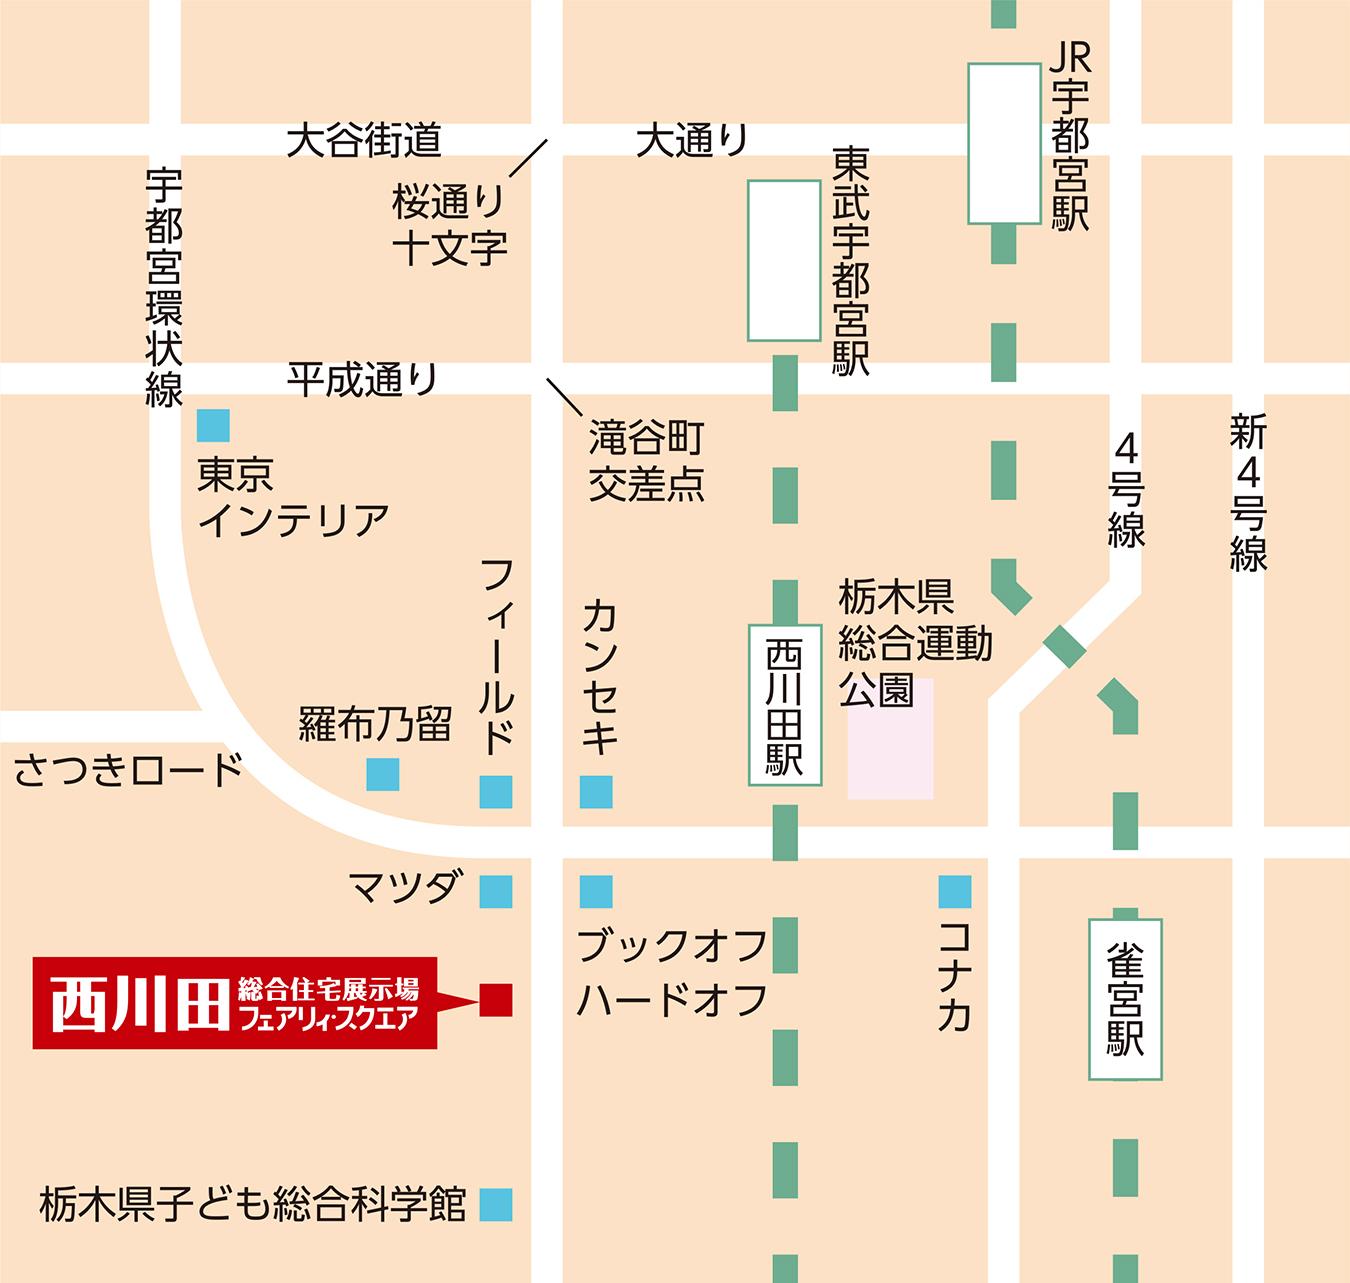 フェアリィ・スクエア 西川田総合住宅展示場 ご案内図